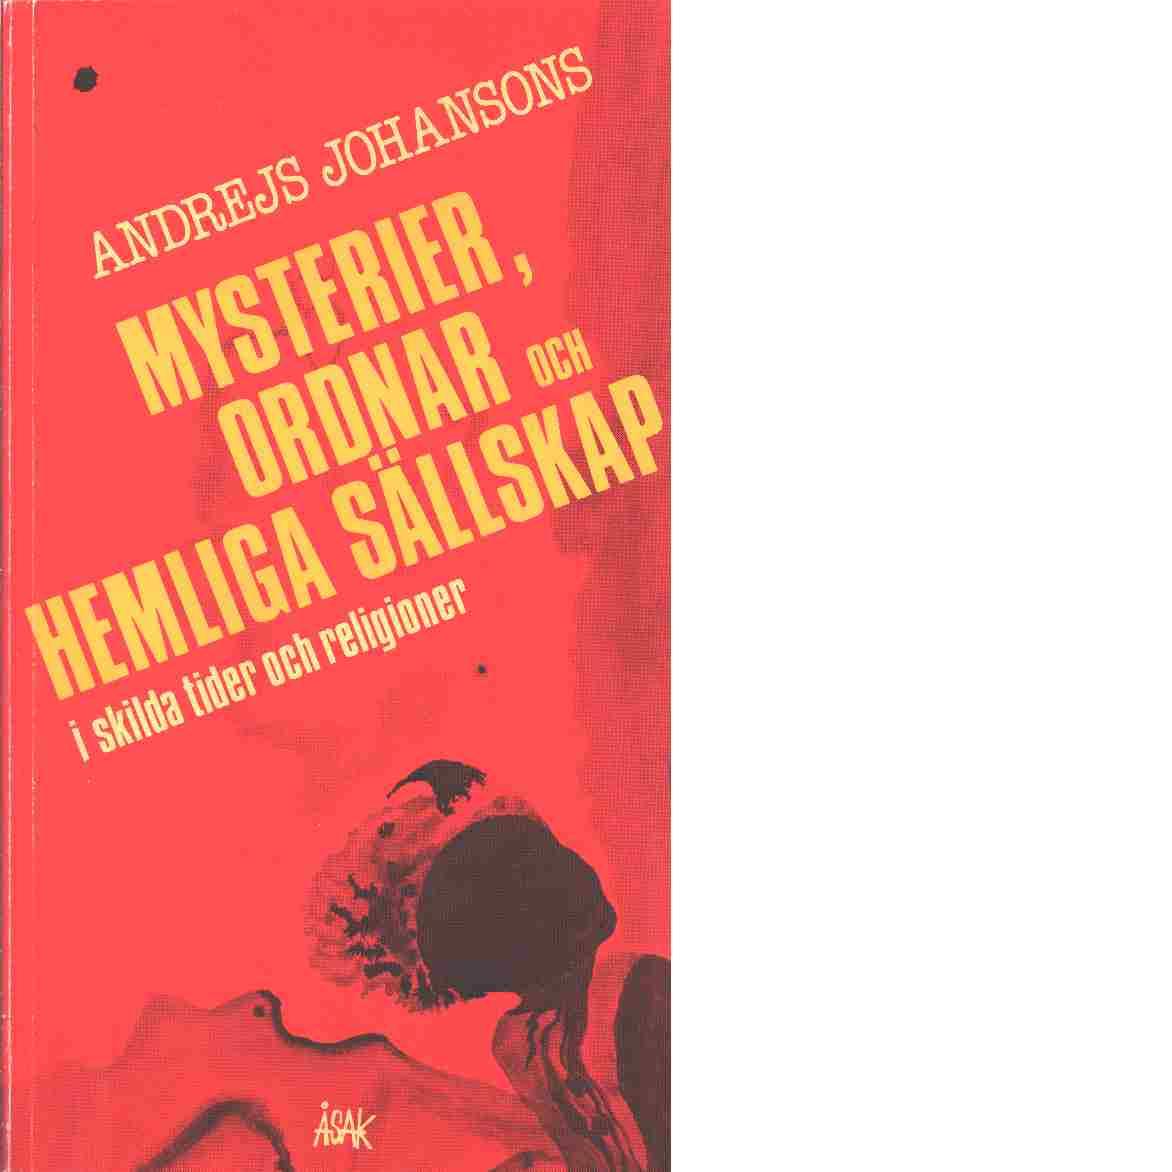 Mysterier, ordnar och hemliga sällskap : i skilda tider och religioner - Johansons, Andrejs